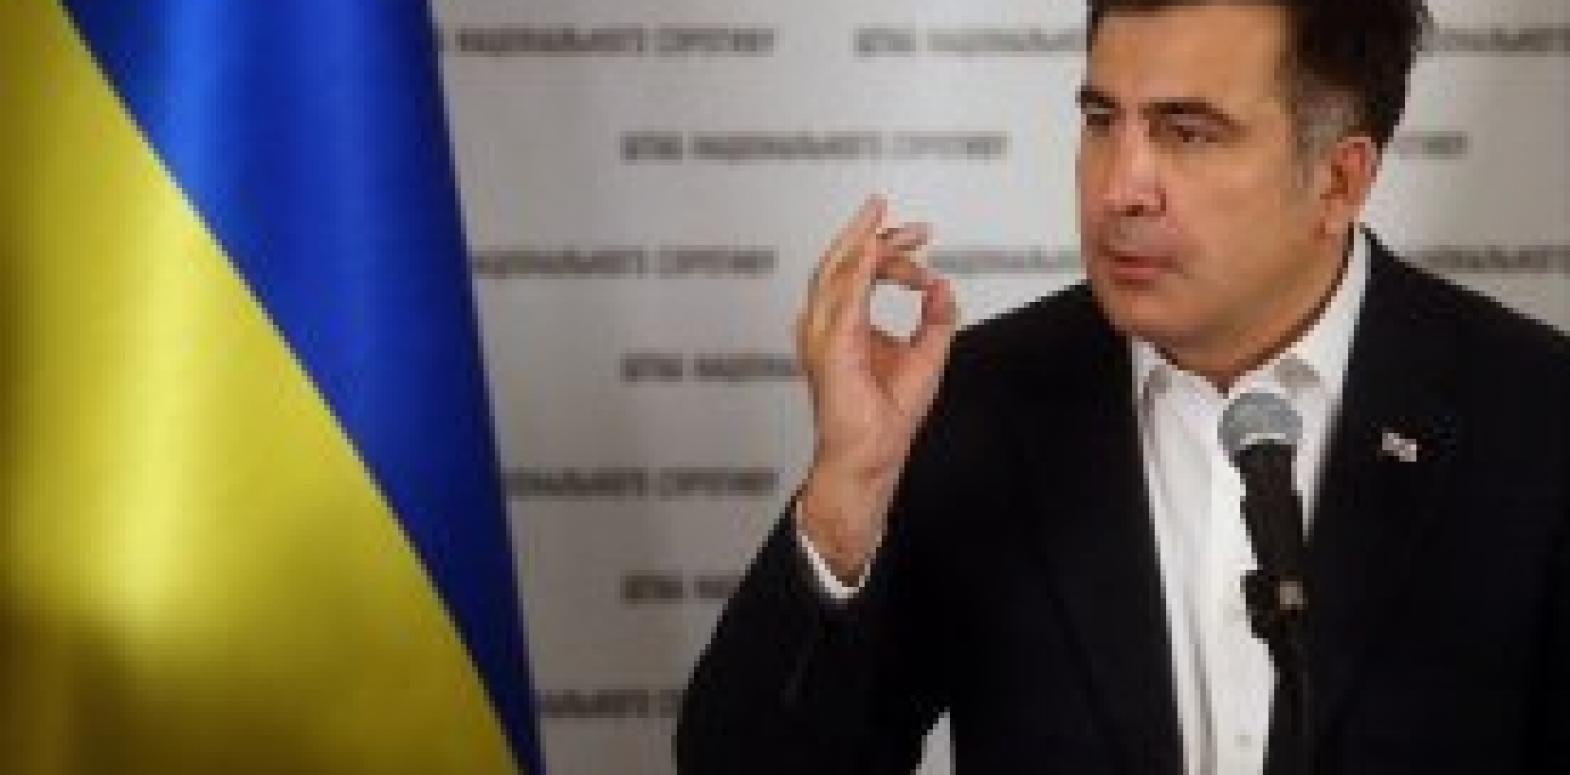 Саакашвили-реформатор: Миша хочет быть надежным членом команды Шмыгаля и пригодиться народу Украины